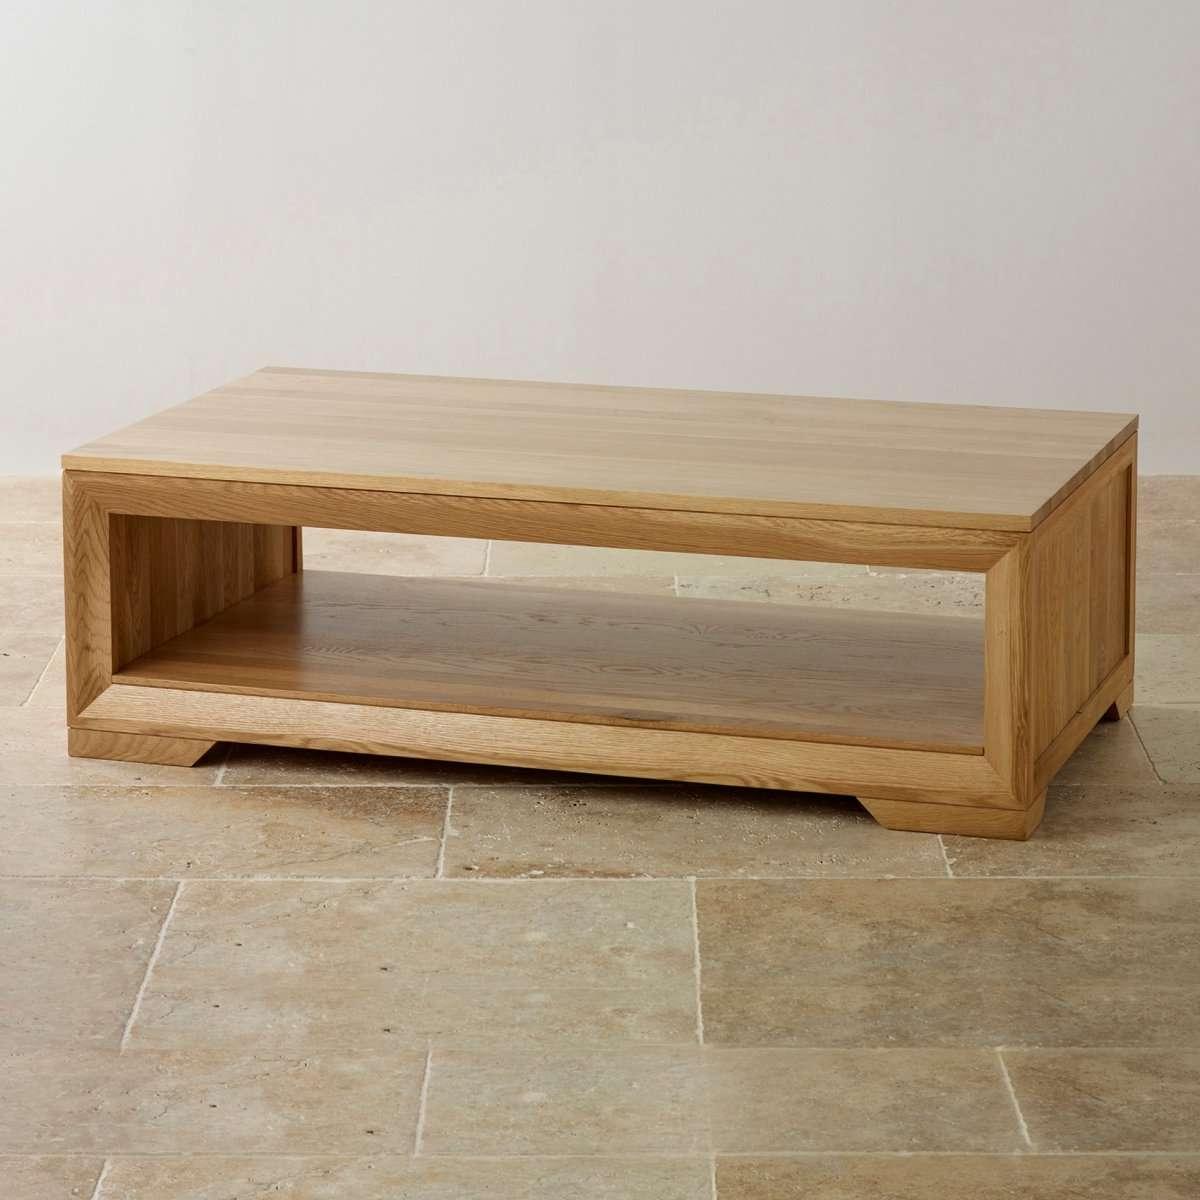 Oak Coffee Table Inside Newest Low Oak Coffee Tables (Gallery 10 of 20)